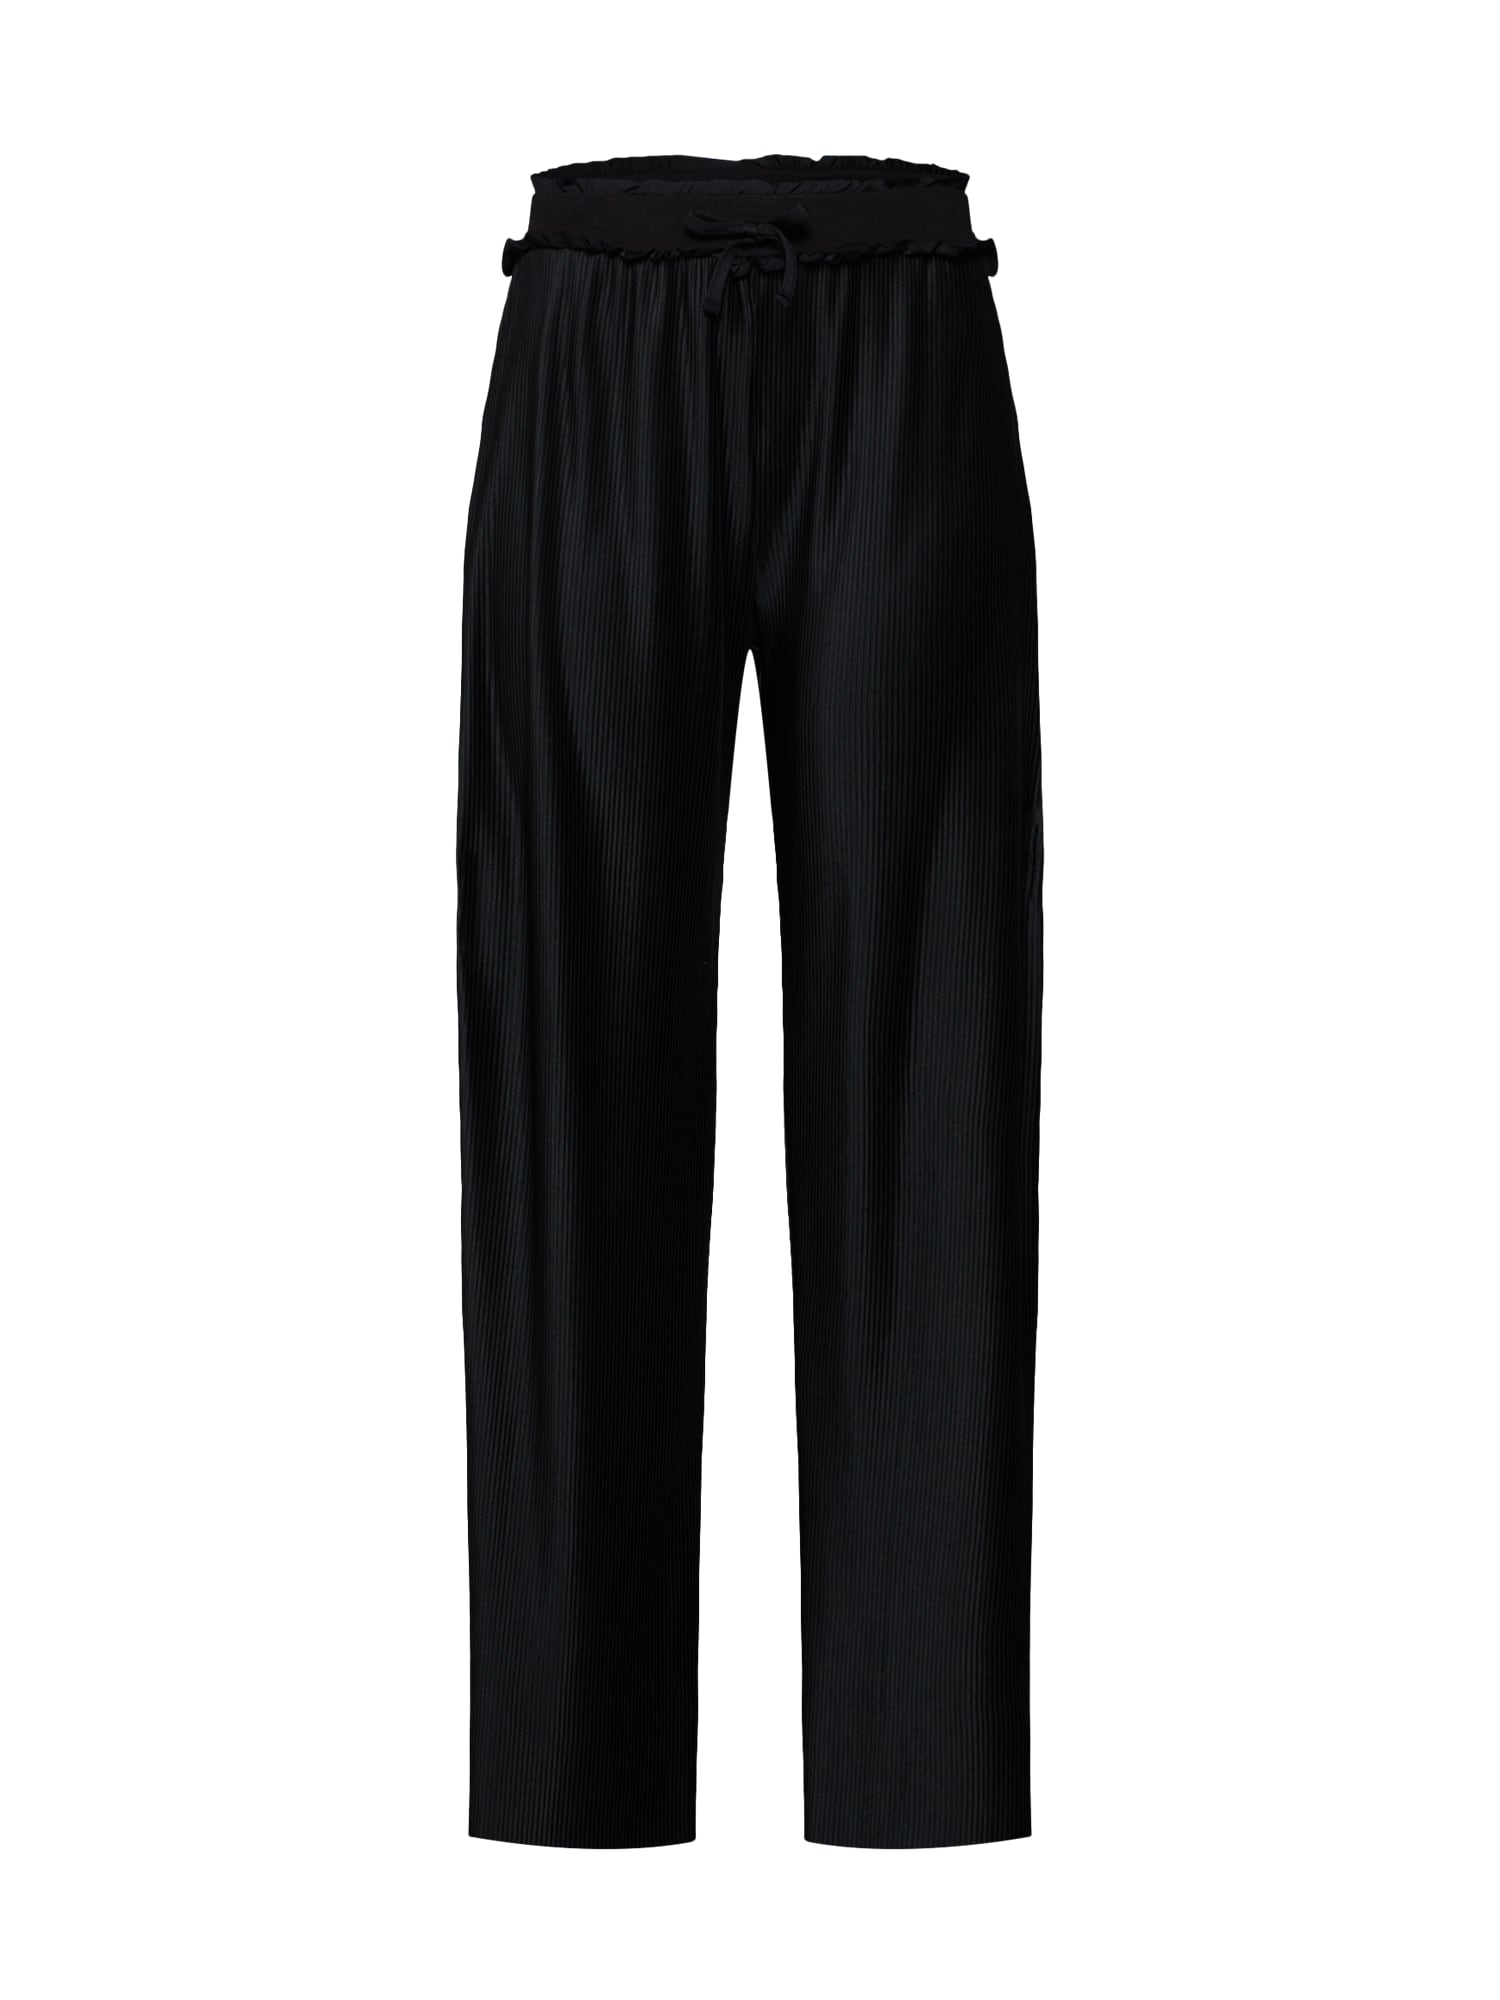 Kalhoty YASMONA PANT černá Y.A.S